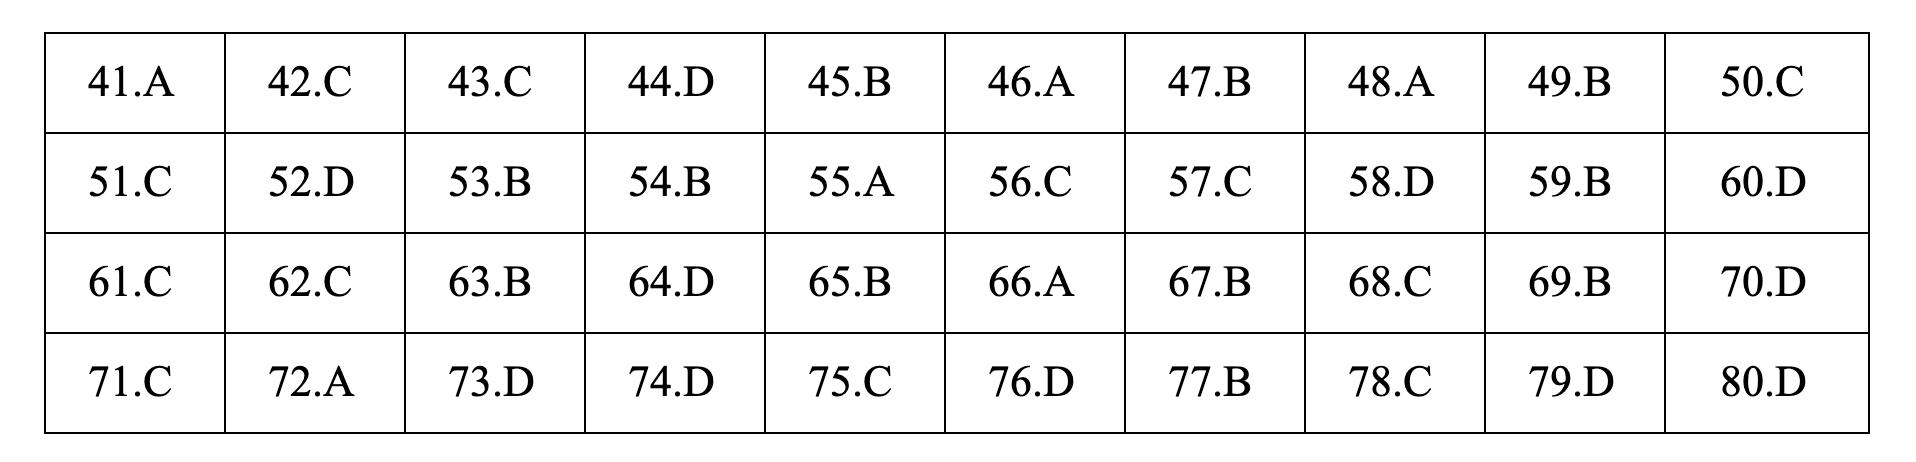 Lời giải tham khảo môn Hóa học thi THPT quốc gia 2019 mã đề 215